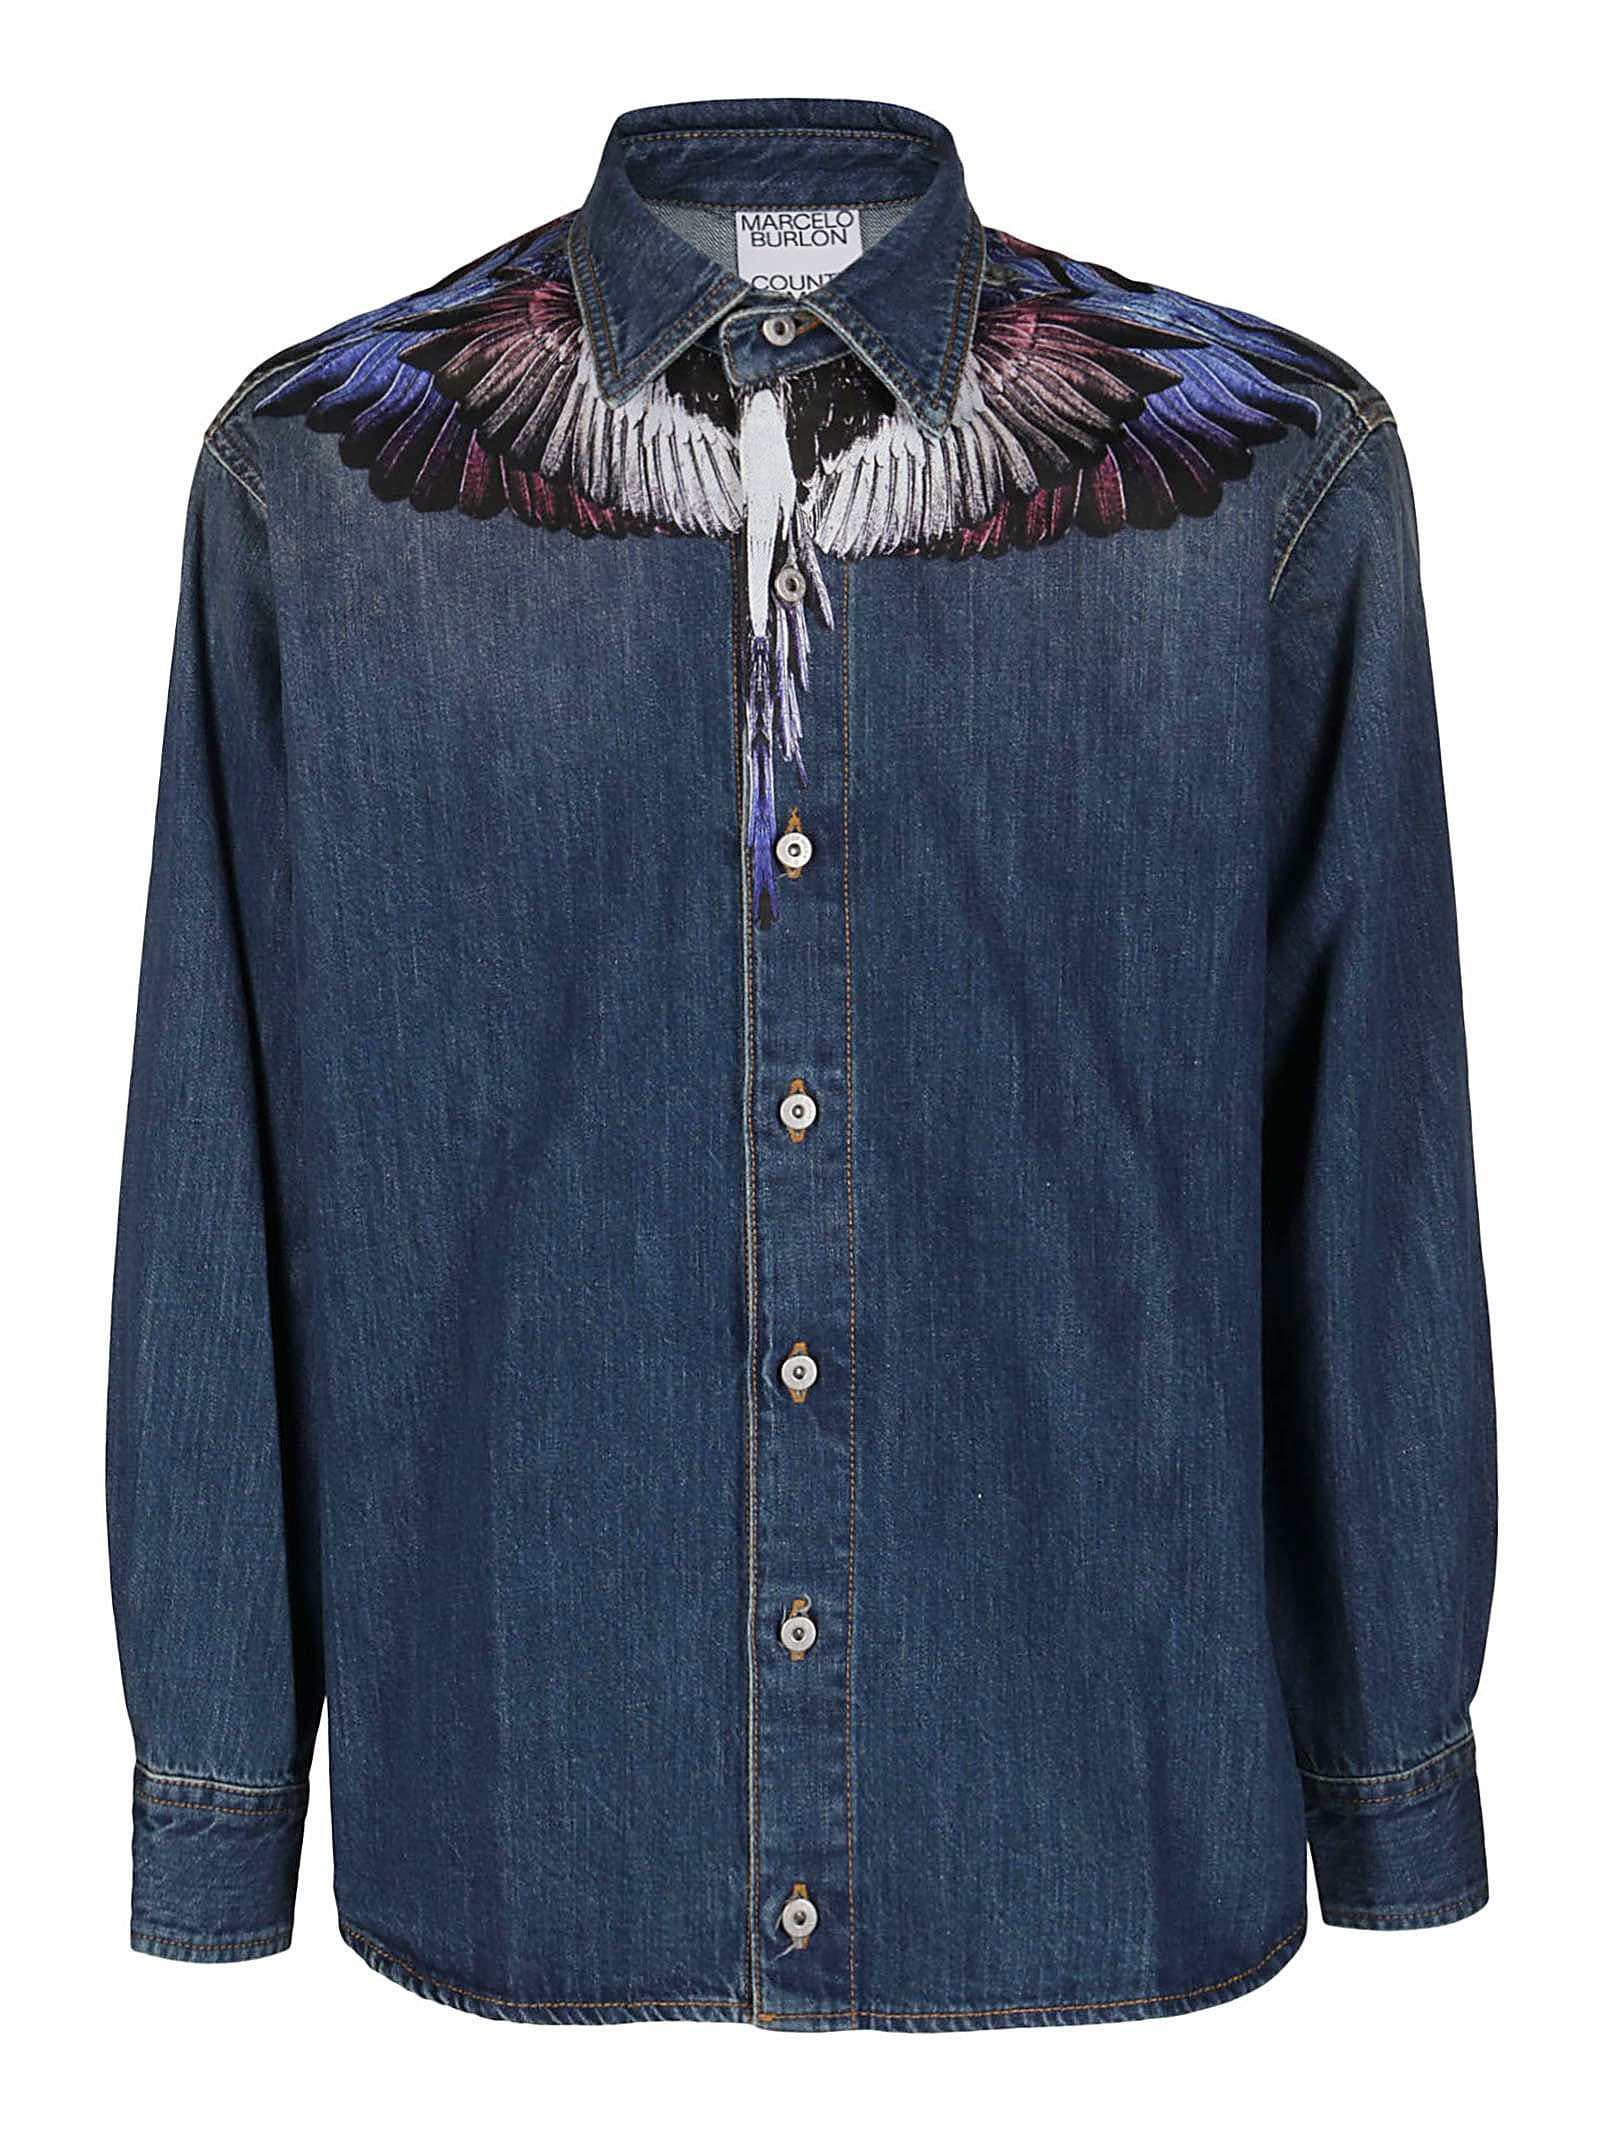 Marcelo Burlon Blue Cotton Shirt